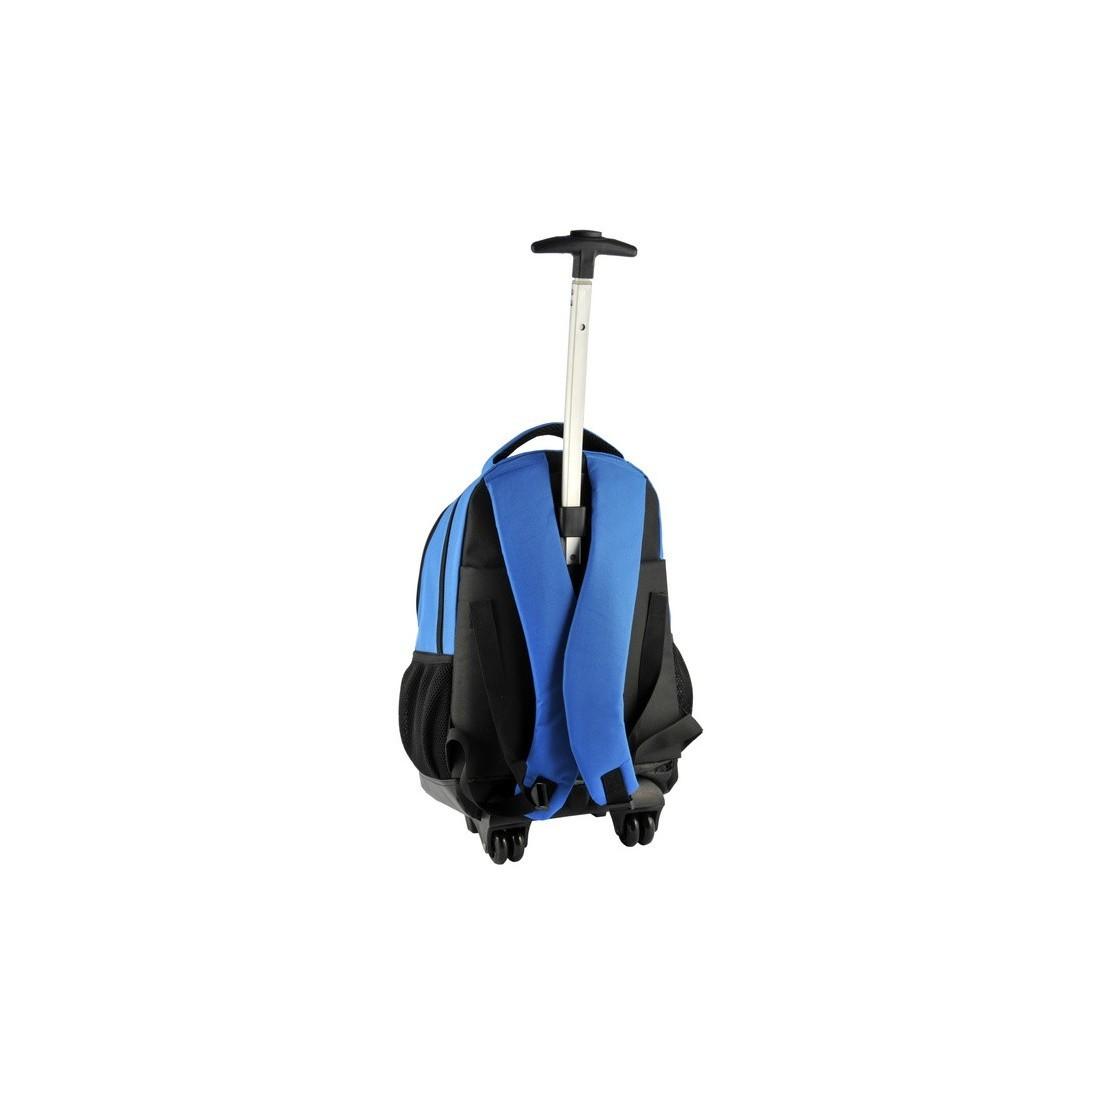 Plecak na kółkach niebieski z piłką - plecak-tornister.pl